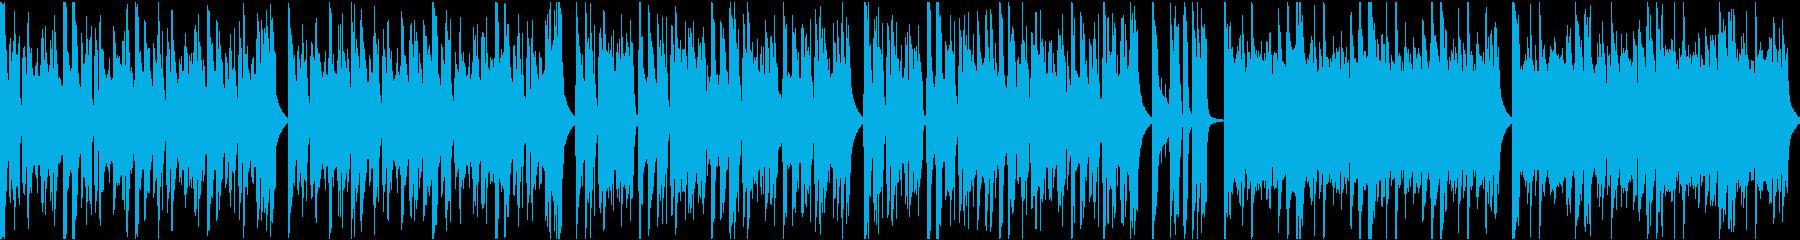 おしゃれイケイケ/カラオケ/ループの再生済みの波形